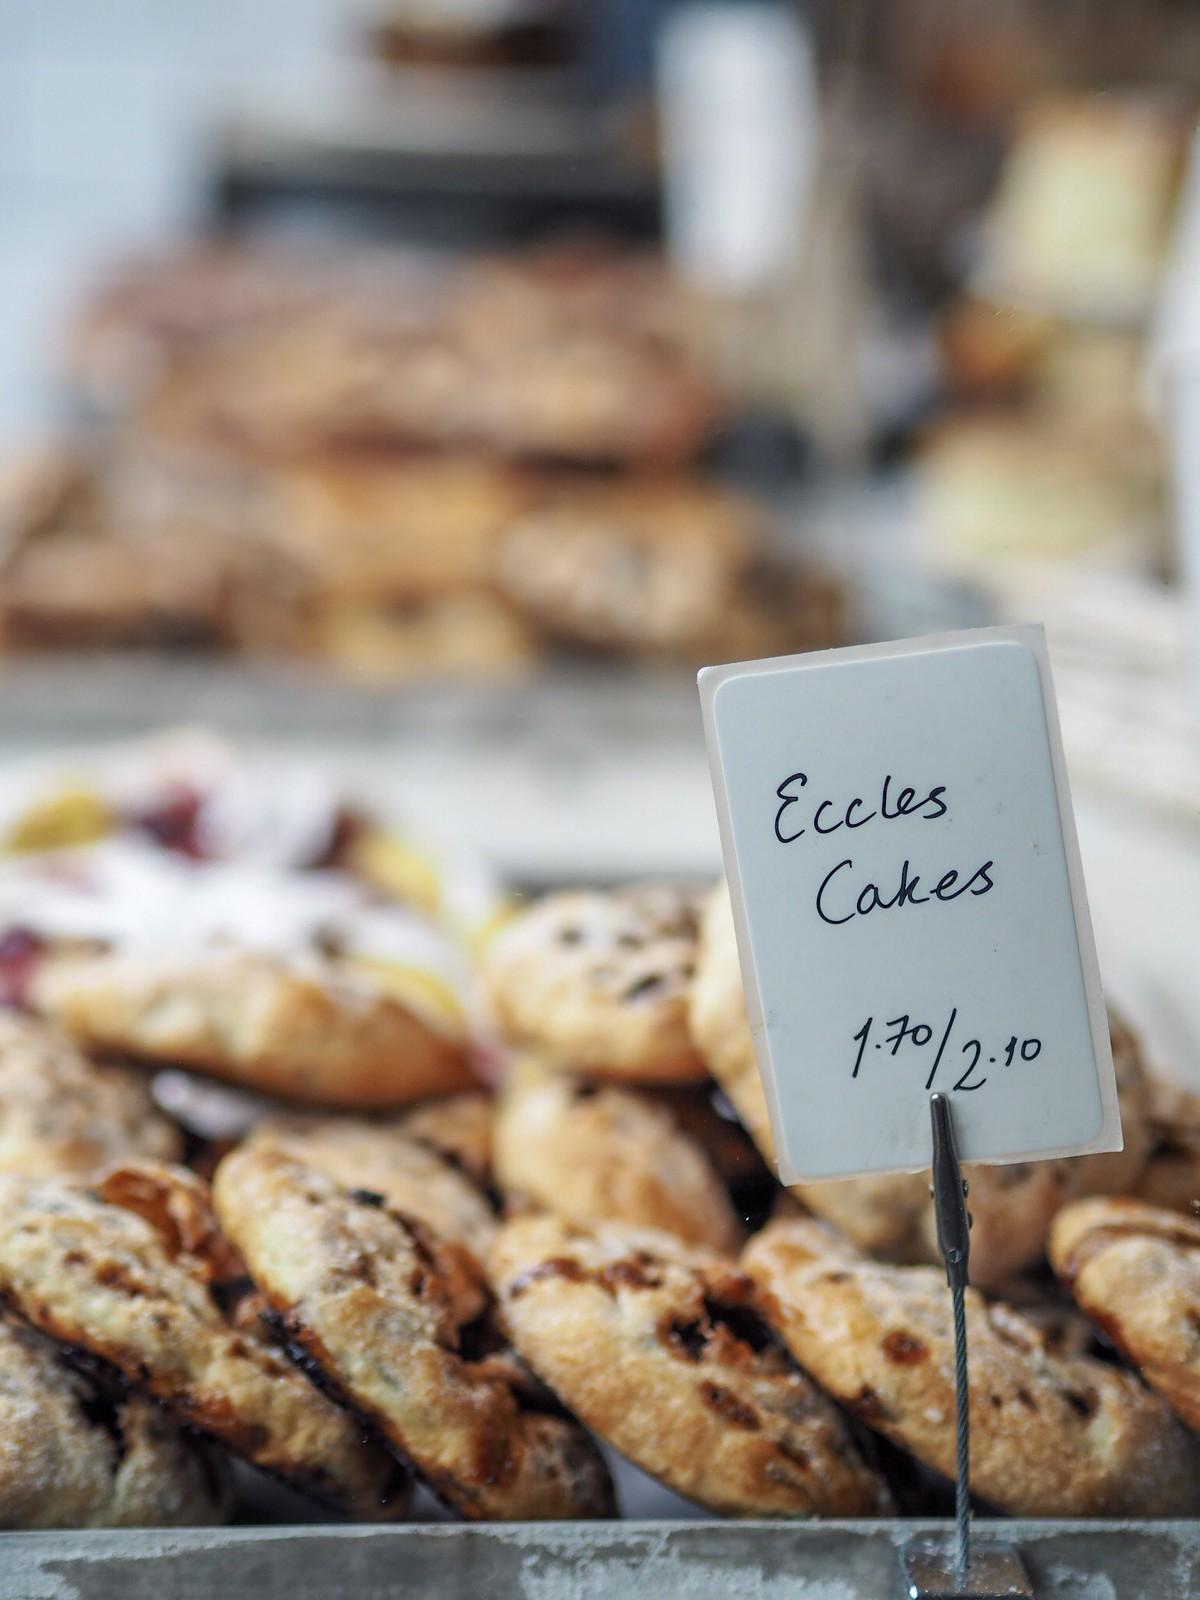 Eccles cakes bakery bibury